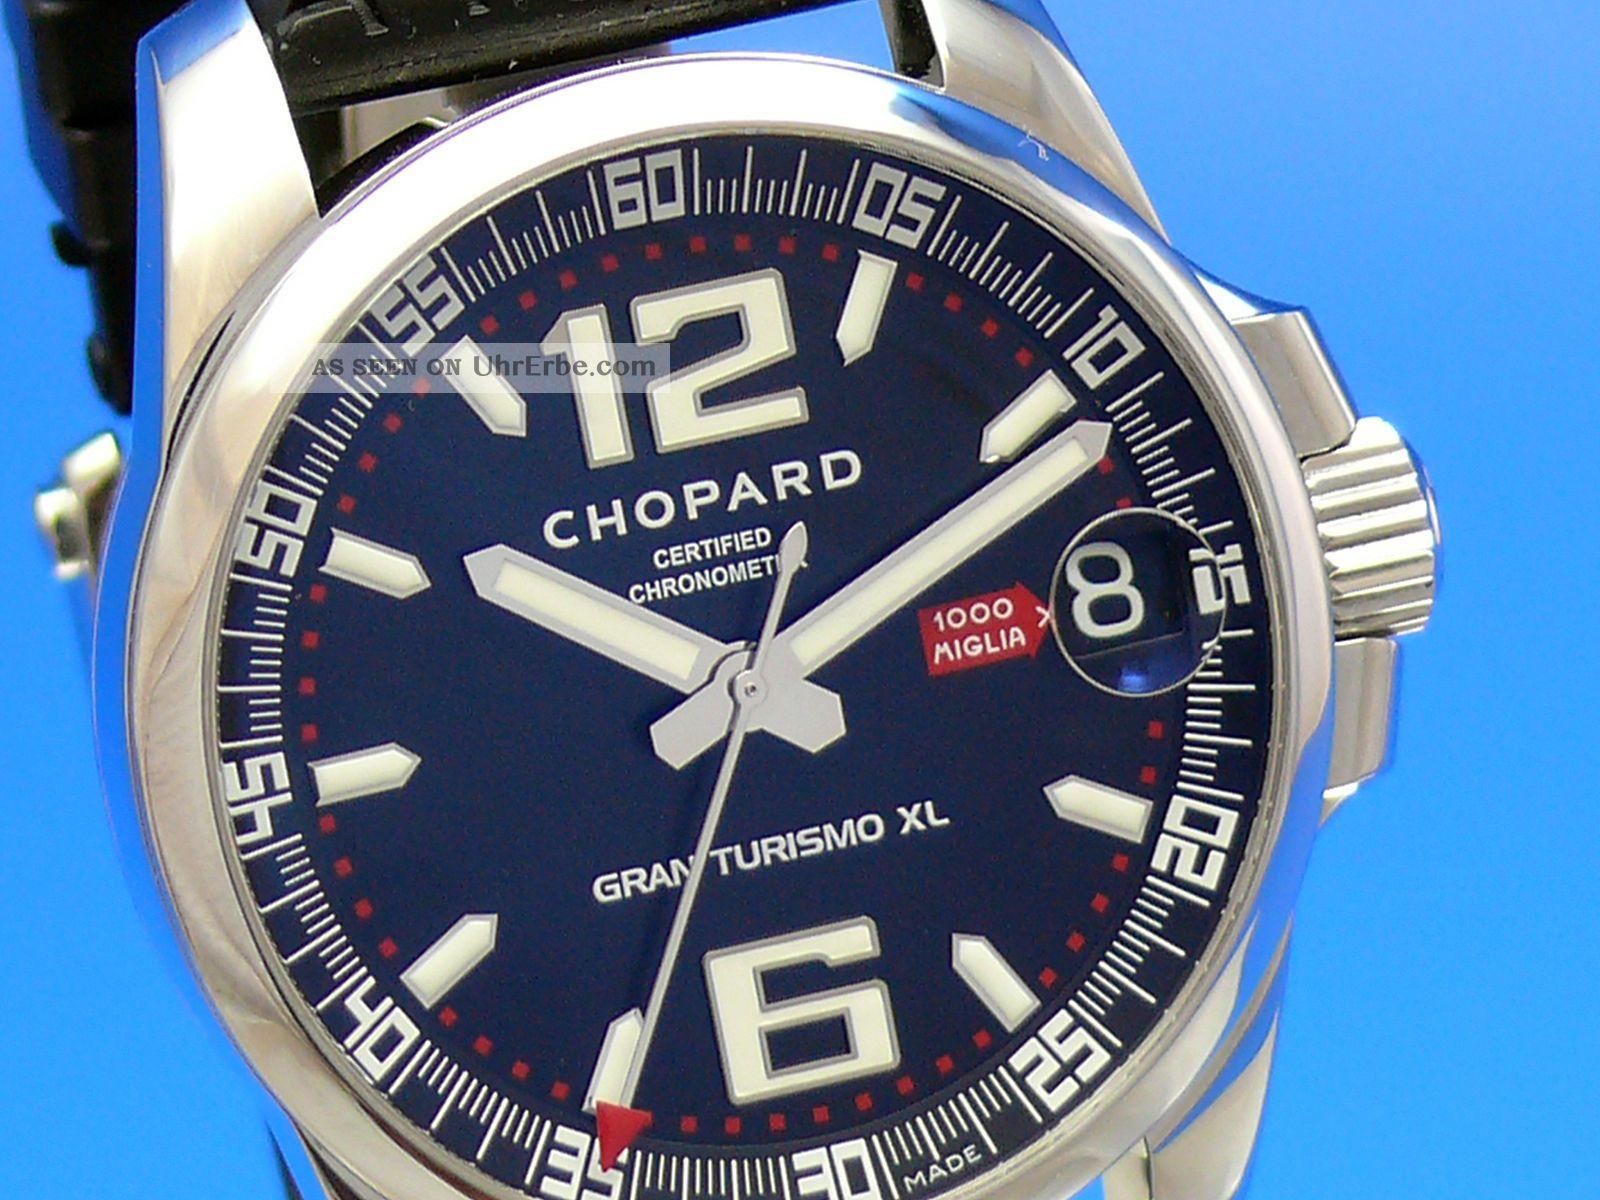 Chopard Mille Miglia Gran Turismo Gt Xl Ankauf Von Luxusuhren 03079014692 Armbanduhren Bild